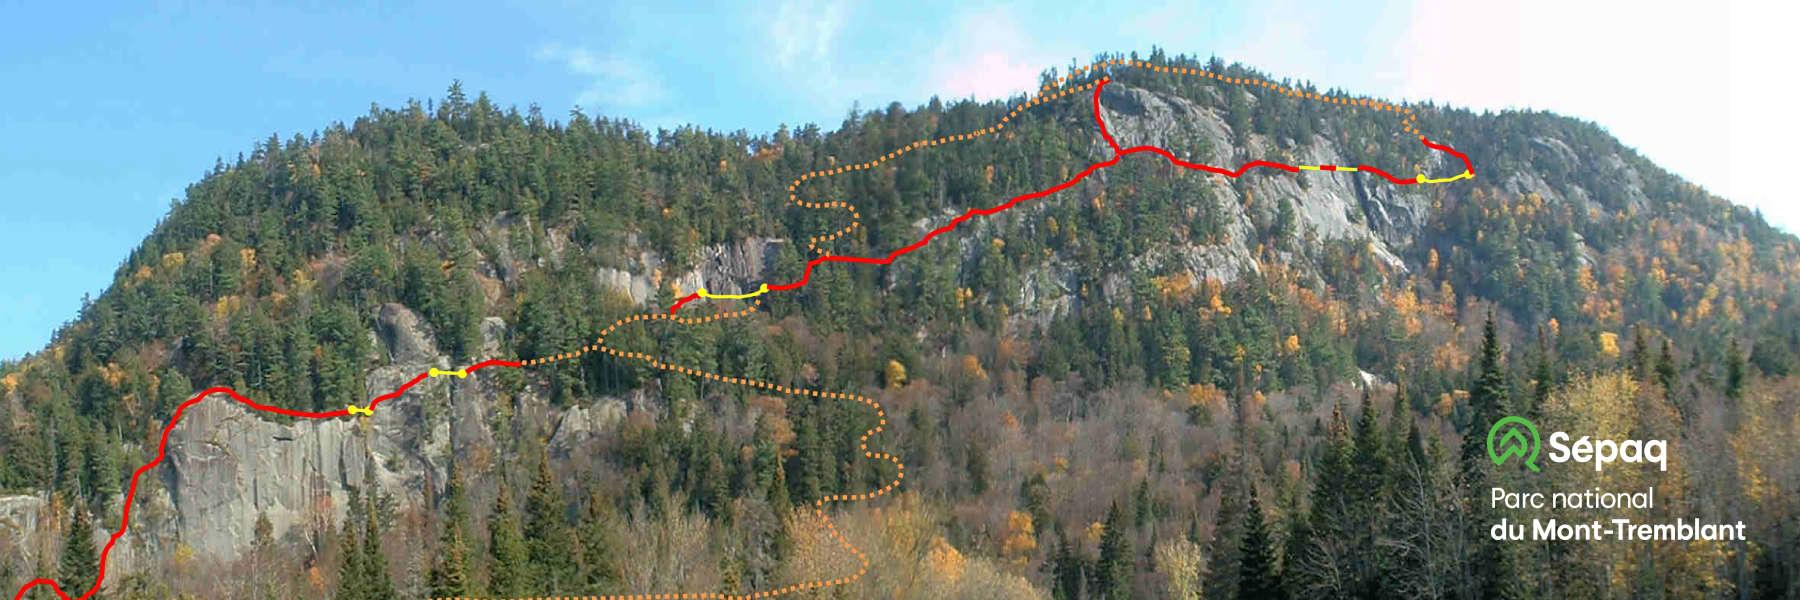 Plan du parcours de via ferrata du Parc national du Mont-Tremblant